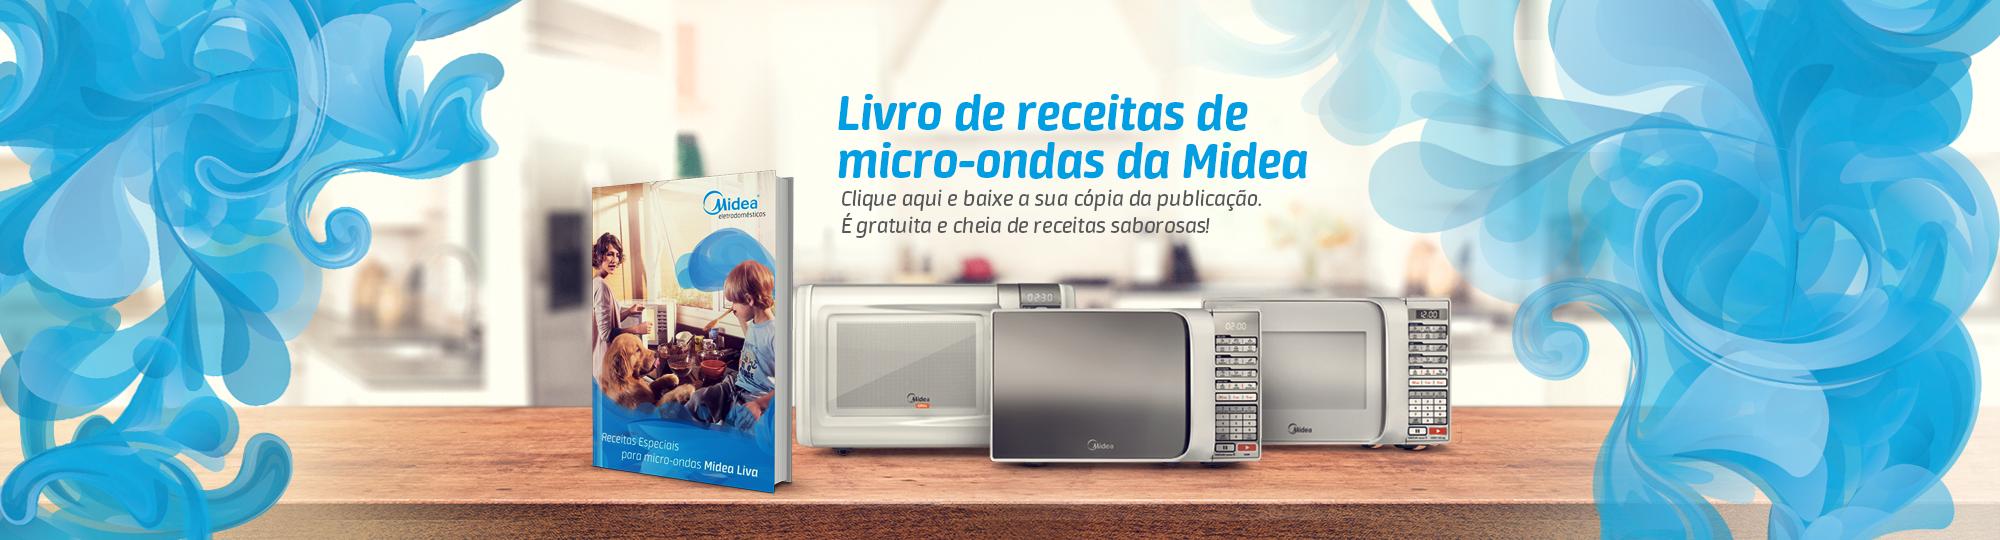 Livro de Receitas para Micro-Ondas Midea Liva